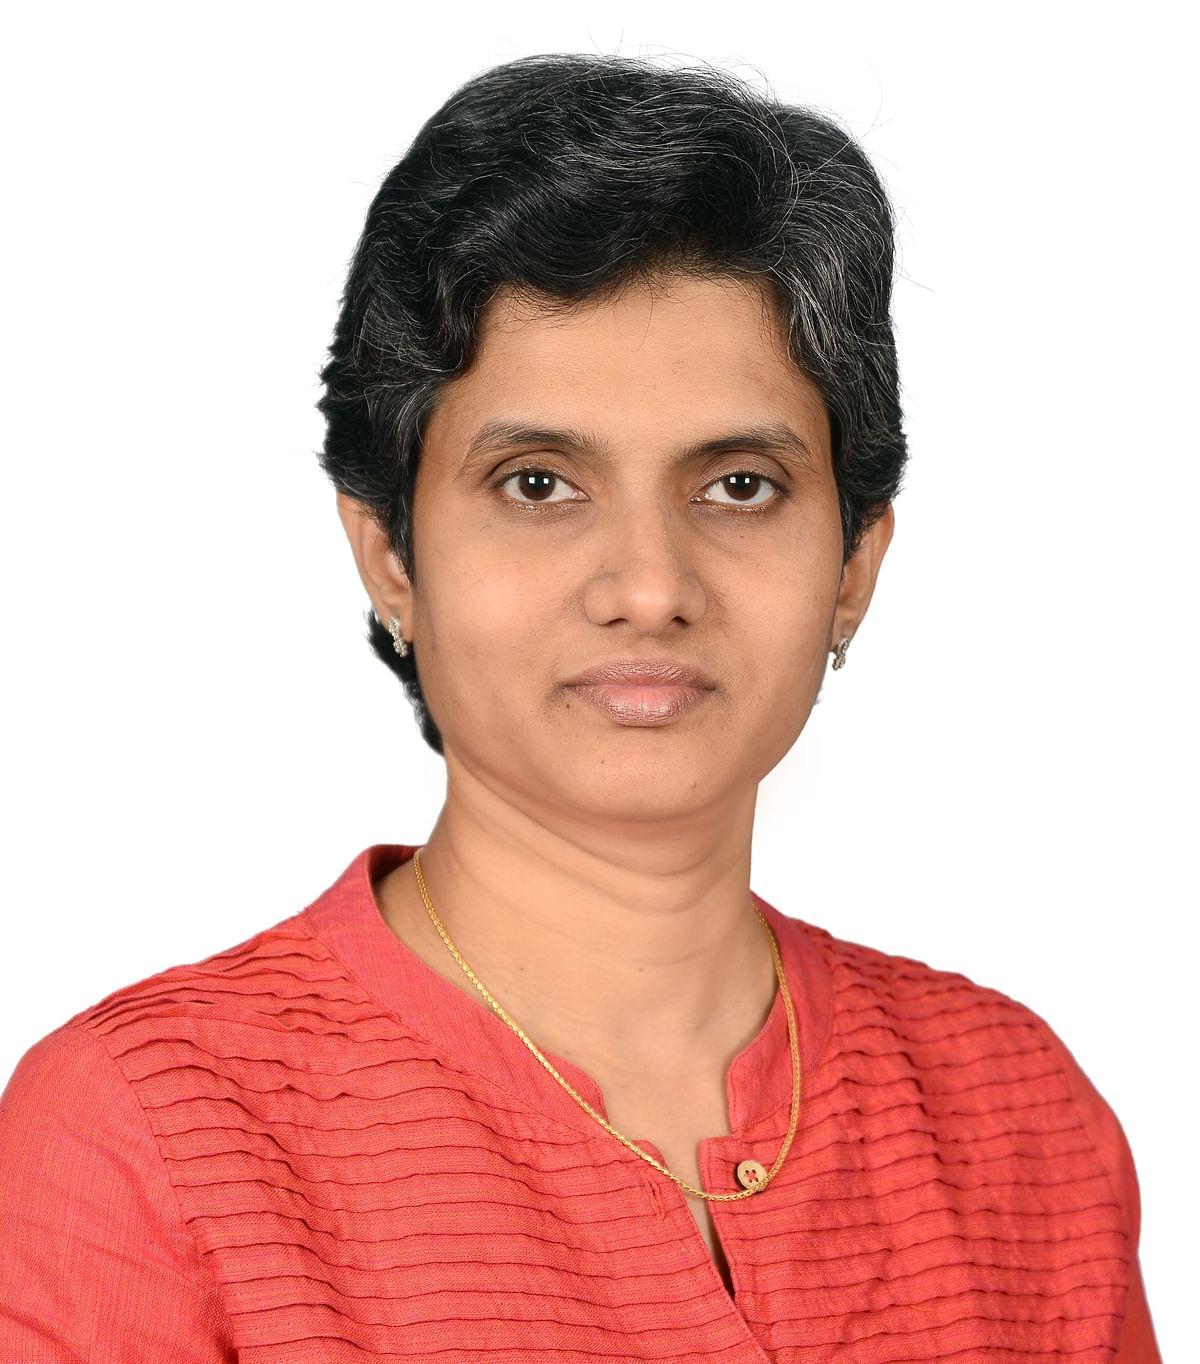 ஜெயஸ்ரீ ஜெயகிருஷ்ணன்